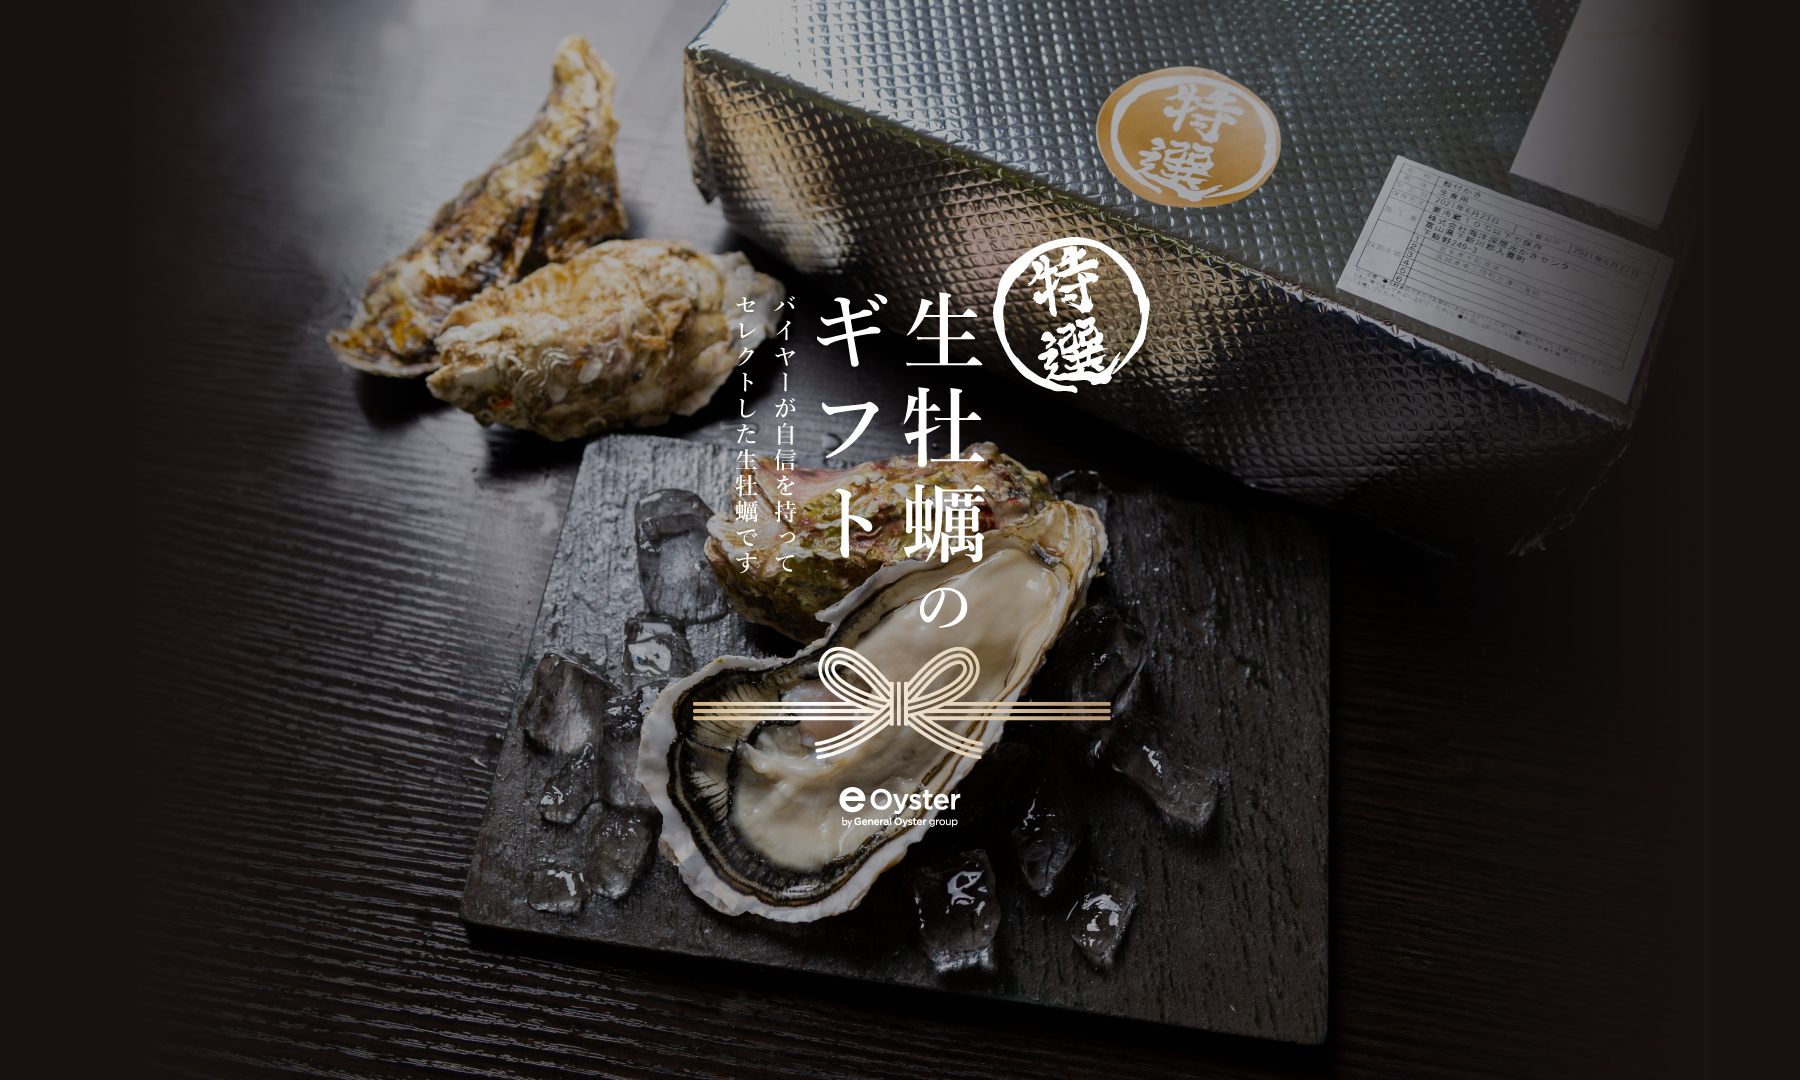 牡蠣パーティーイメージ